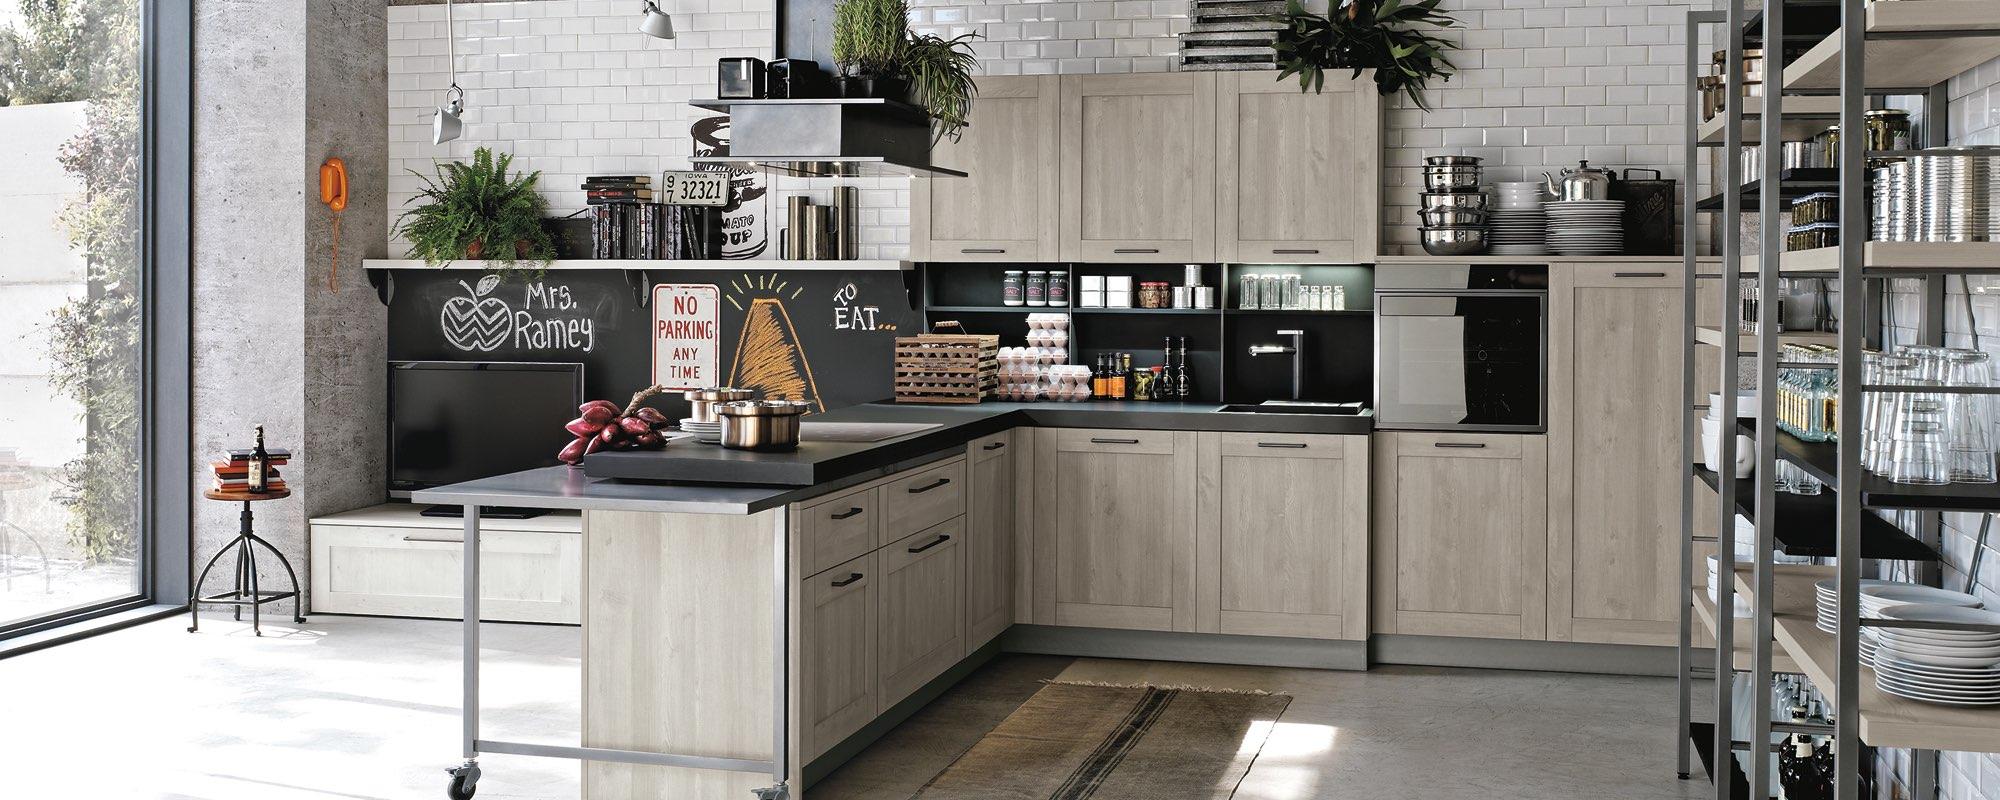 vista frontale di una cucina moderna in quercia -CITY